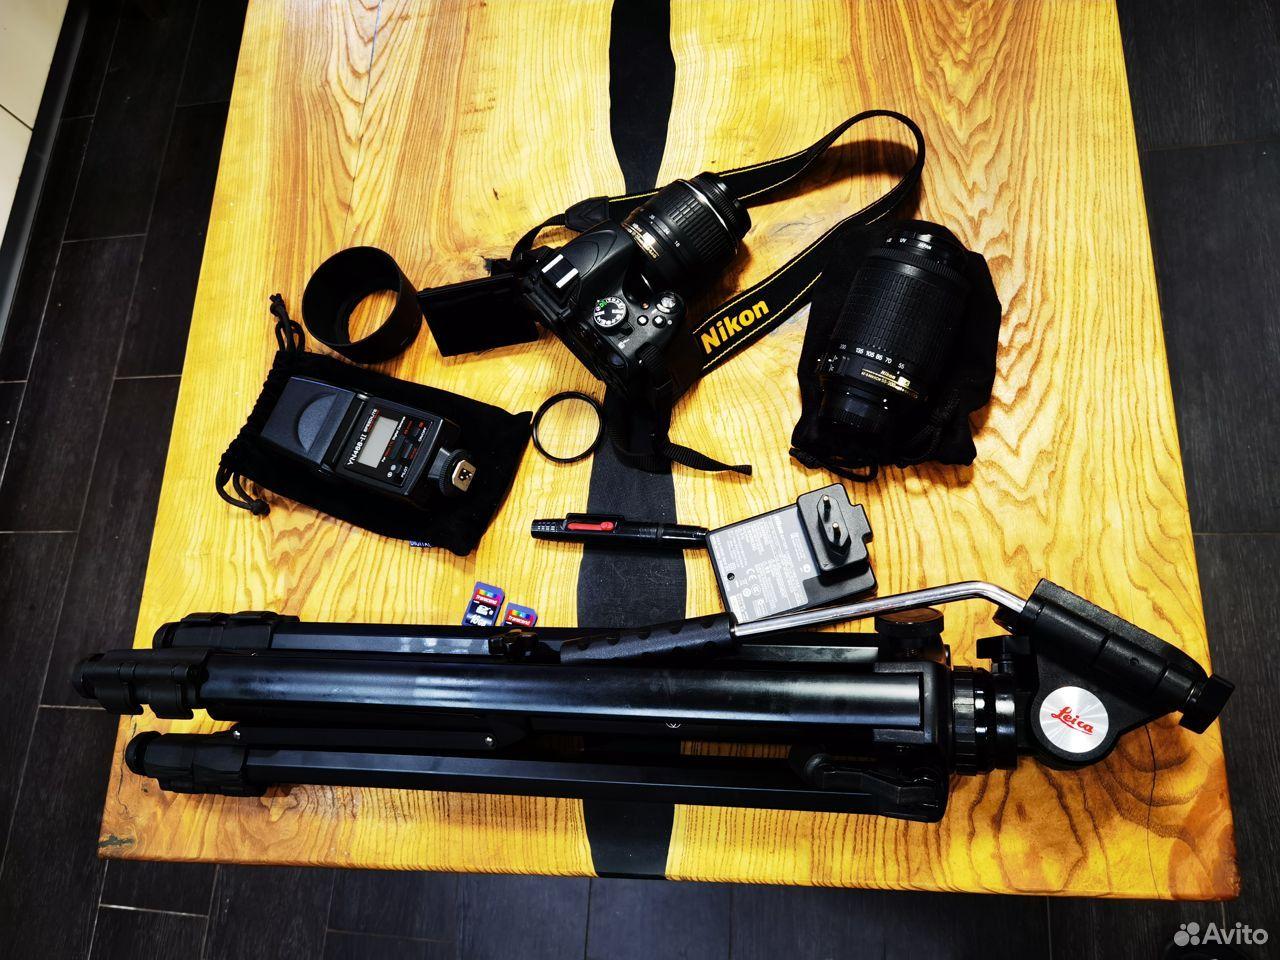 Зеркальный фотоаппарат Nikon D5100 Dauble VR Обмен  89185656006 купить 10